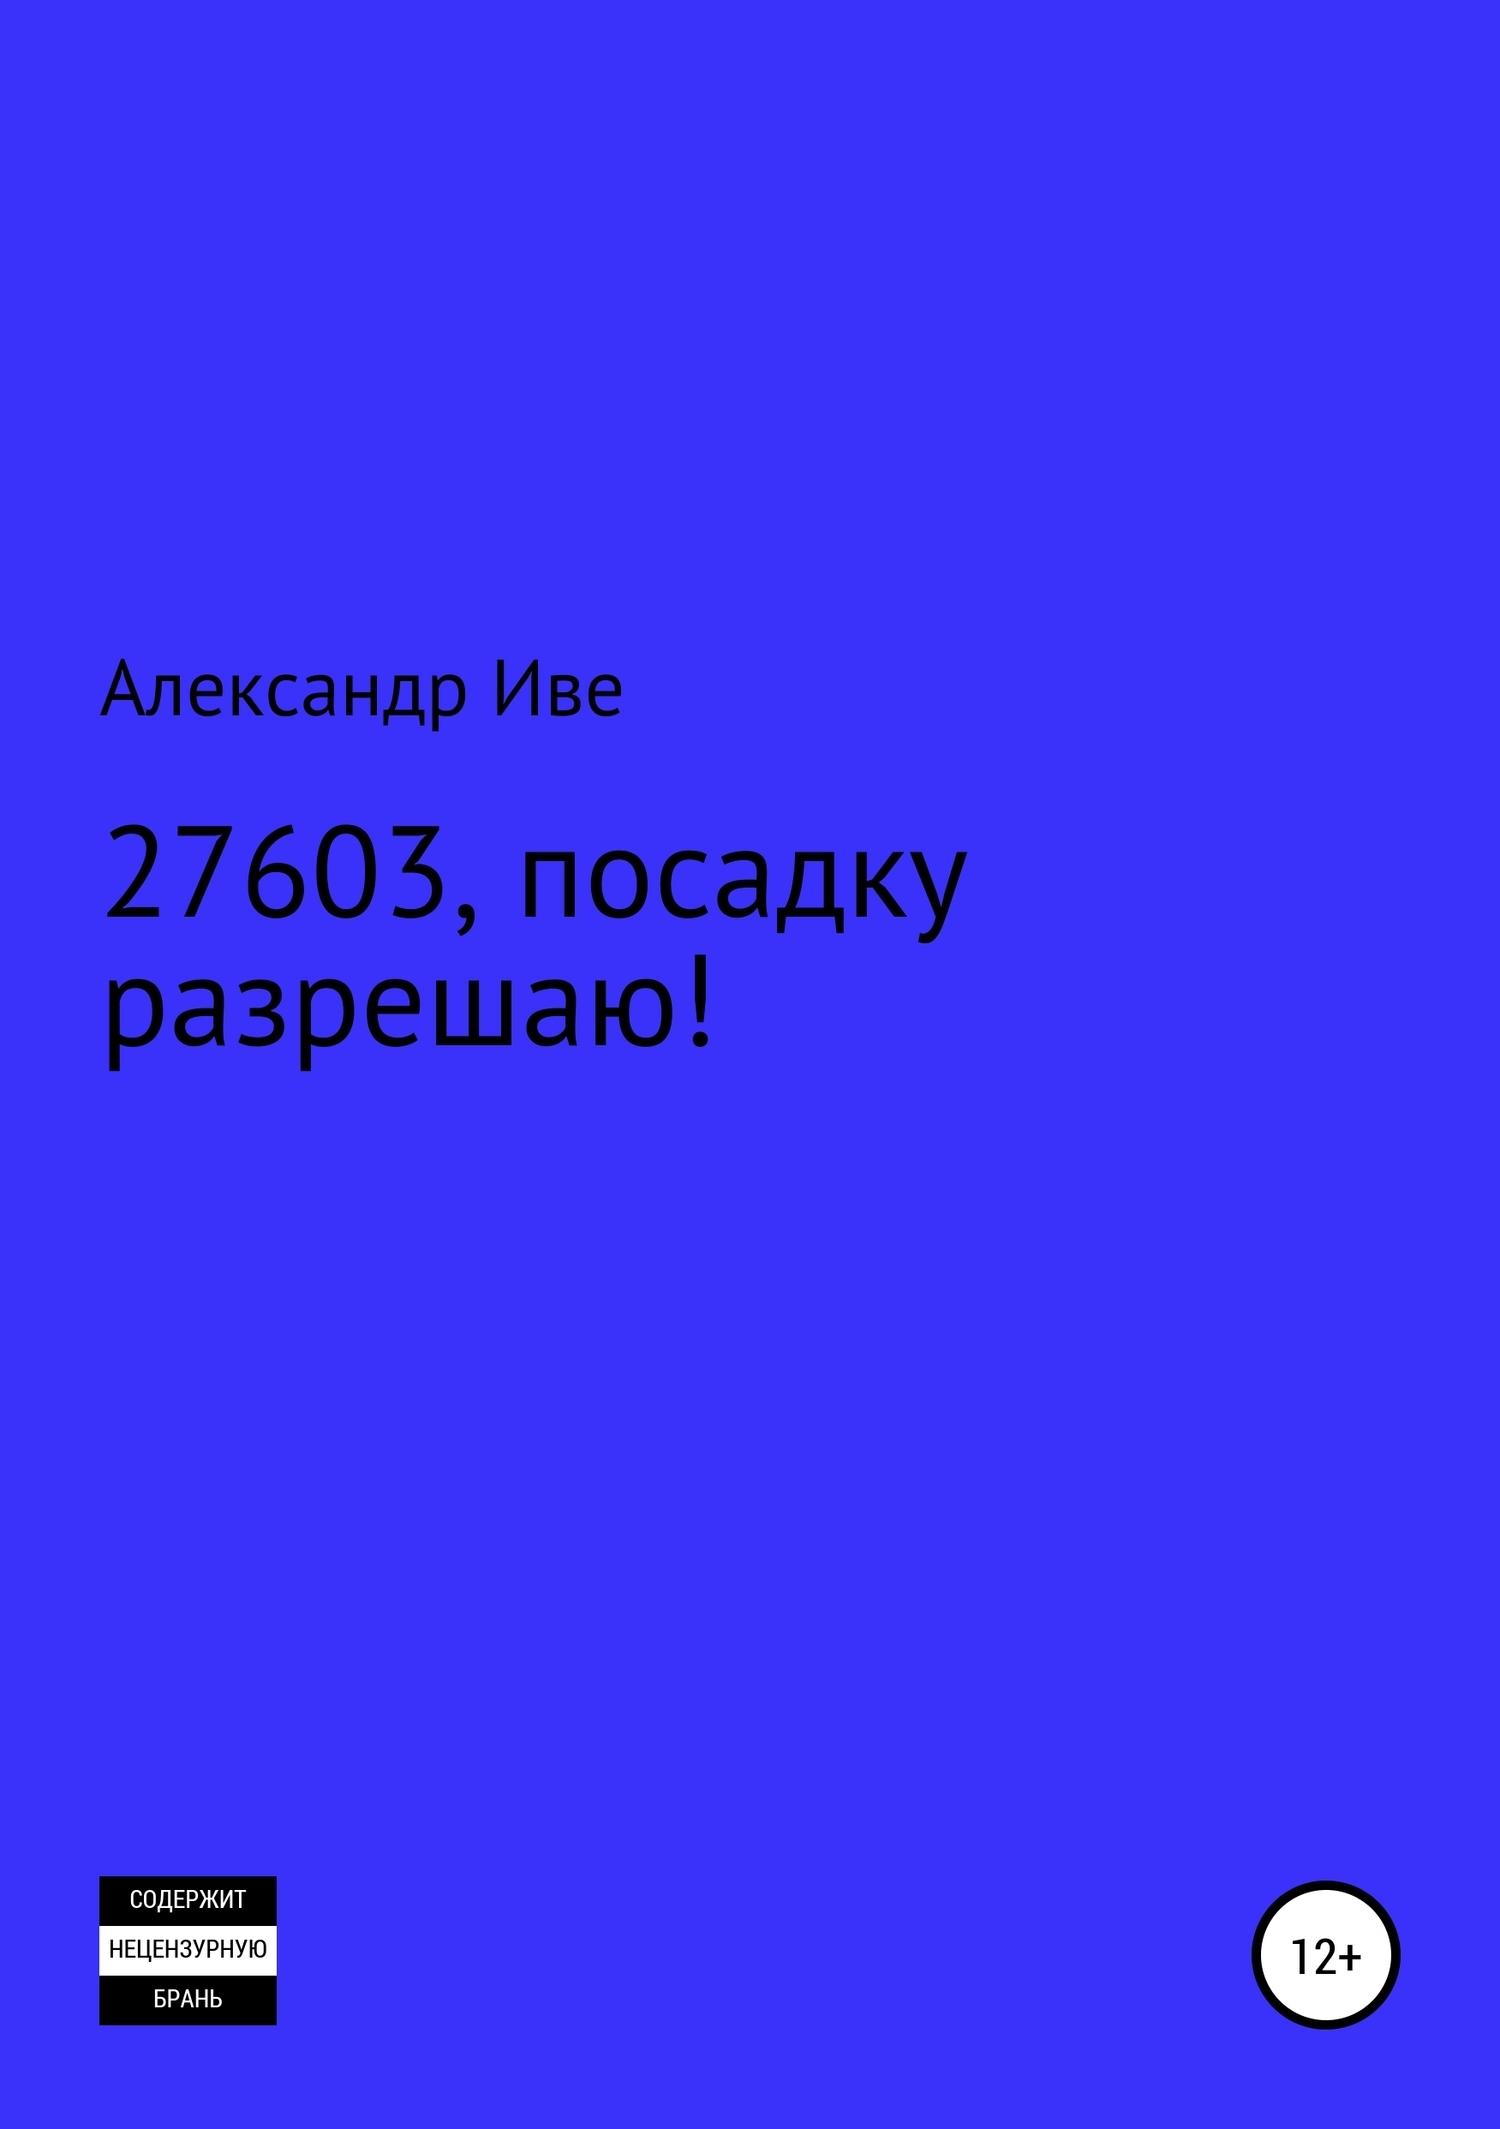 Александр Иве - 27603, посадку разрешаю!